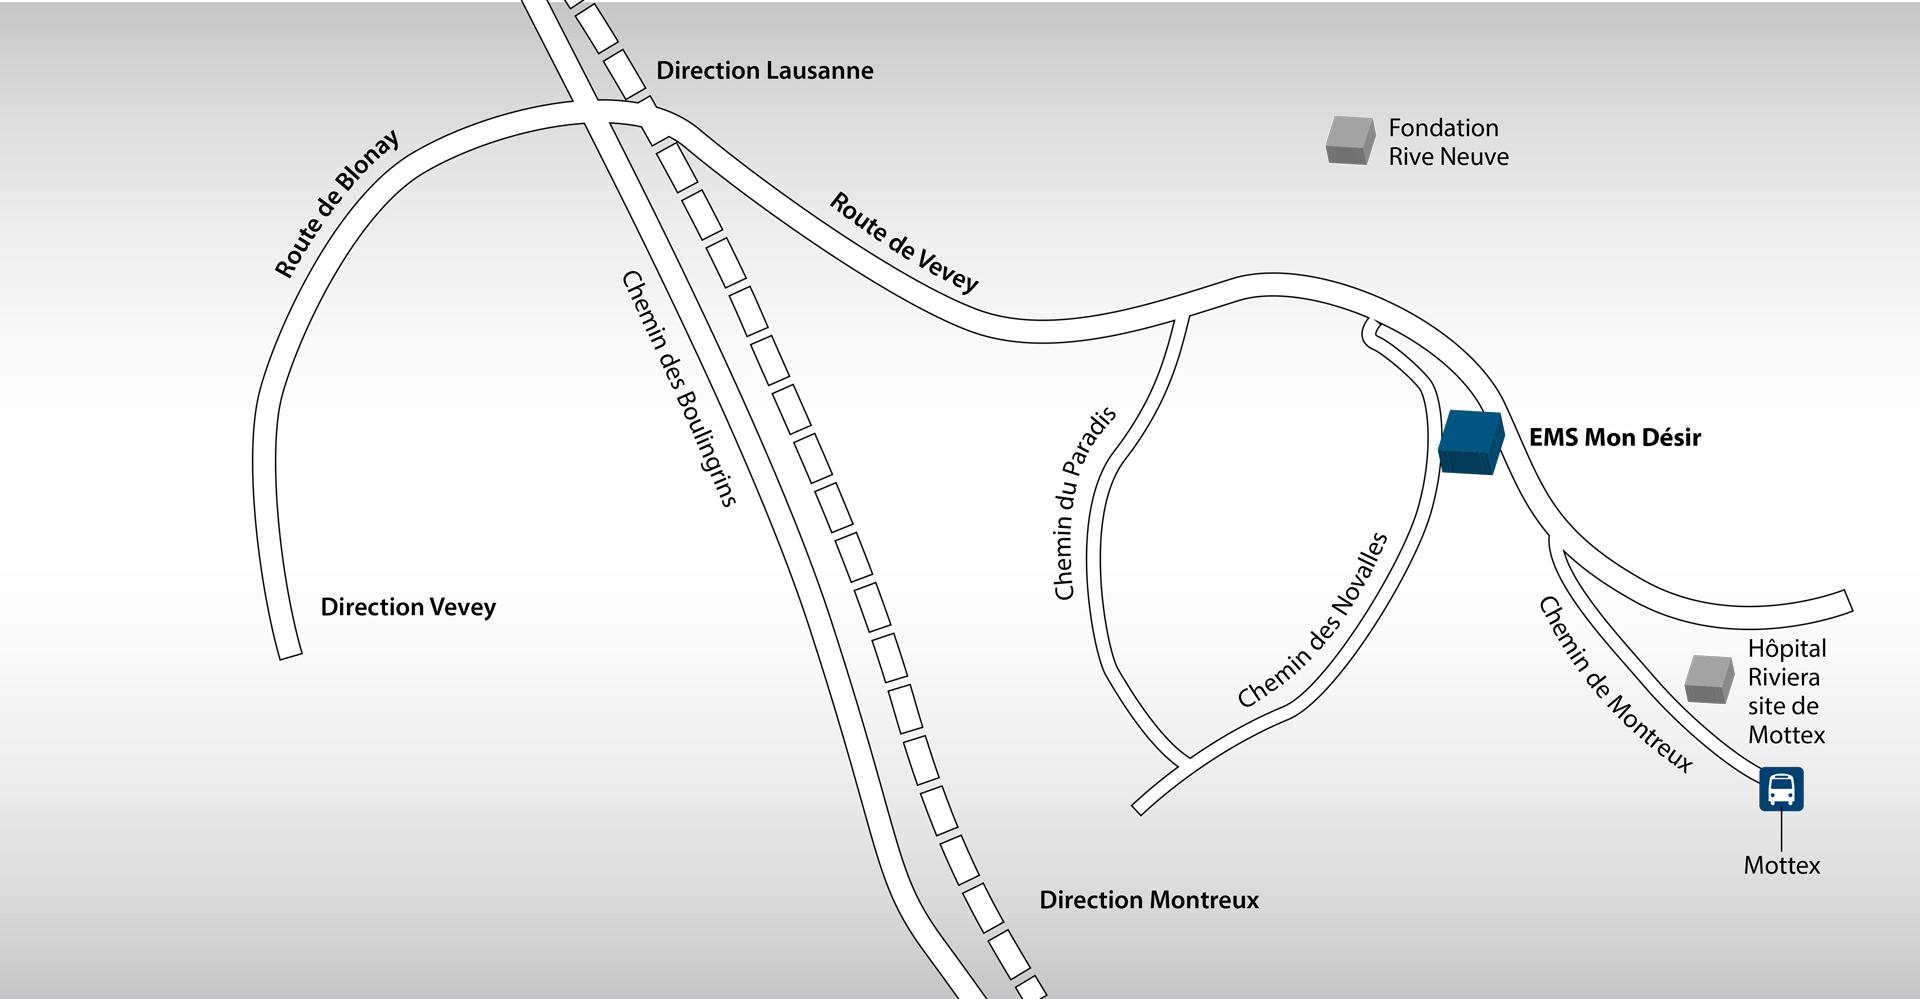 Les transports publics VMCV conduisent à Mon Désir. Deux lignes, au départ de Vevey ou de Clarens, passent à proximité de l'établissement, avec un arrêt Château des Novalles ou devant l'hôpital de Mottex. L'établissement dispose d'un parking.